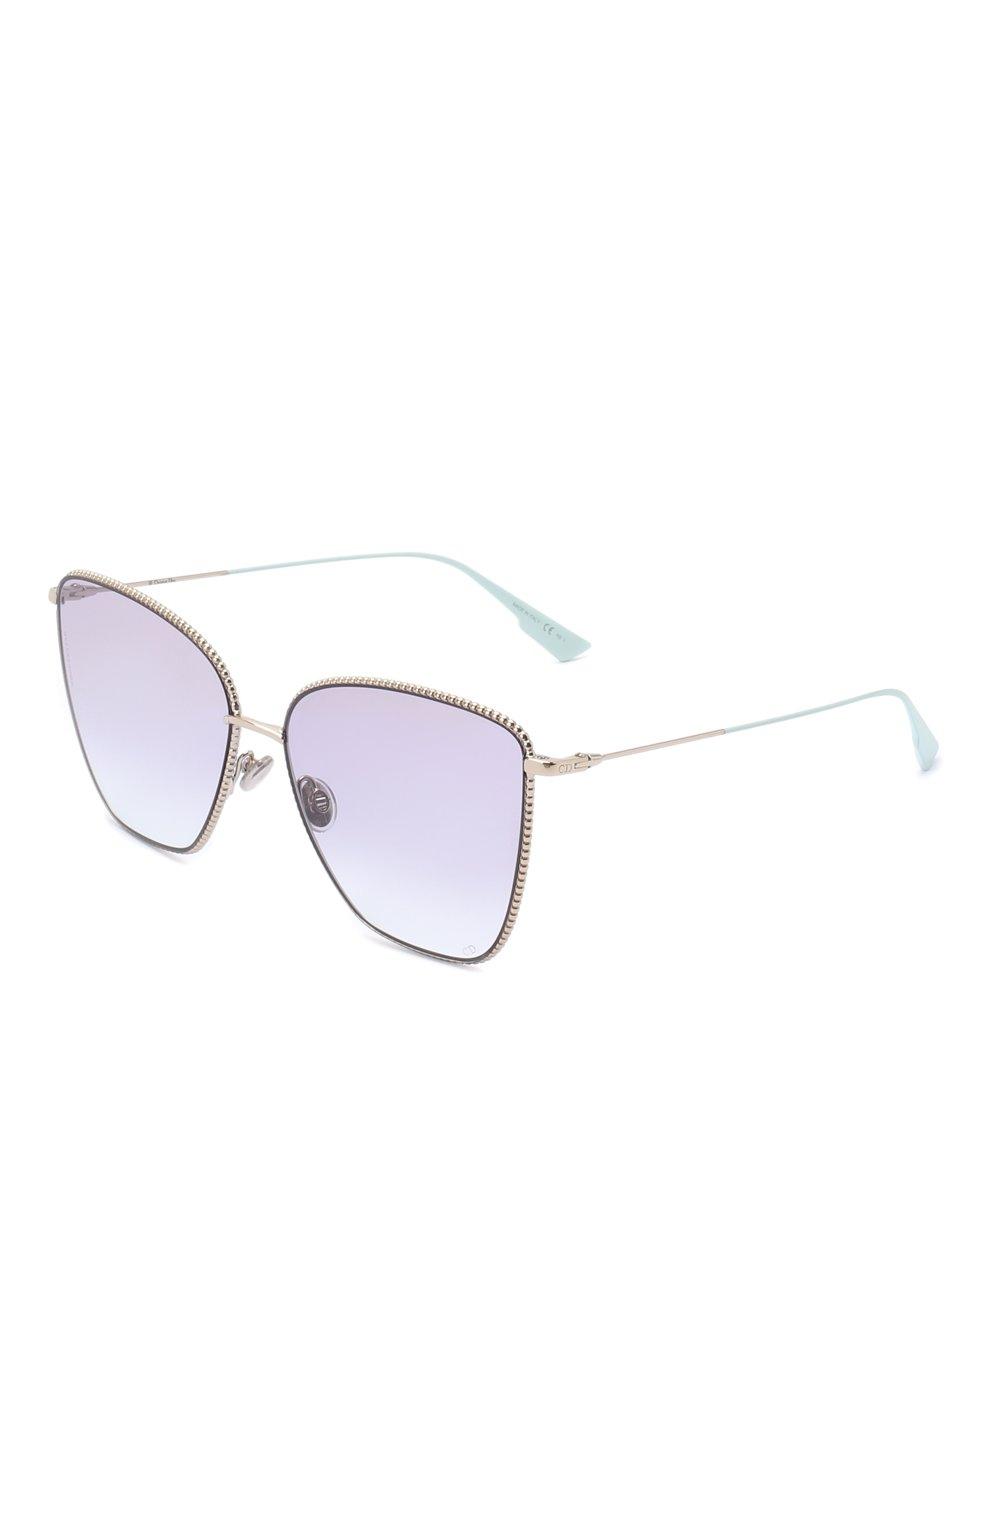 Женские солнцезащитные очки DIOR сиреневого цвета, арт. DI0RS0CIETY1 3YG | Фото 1